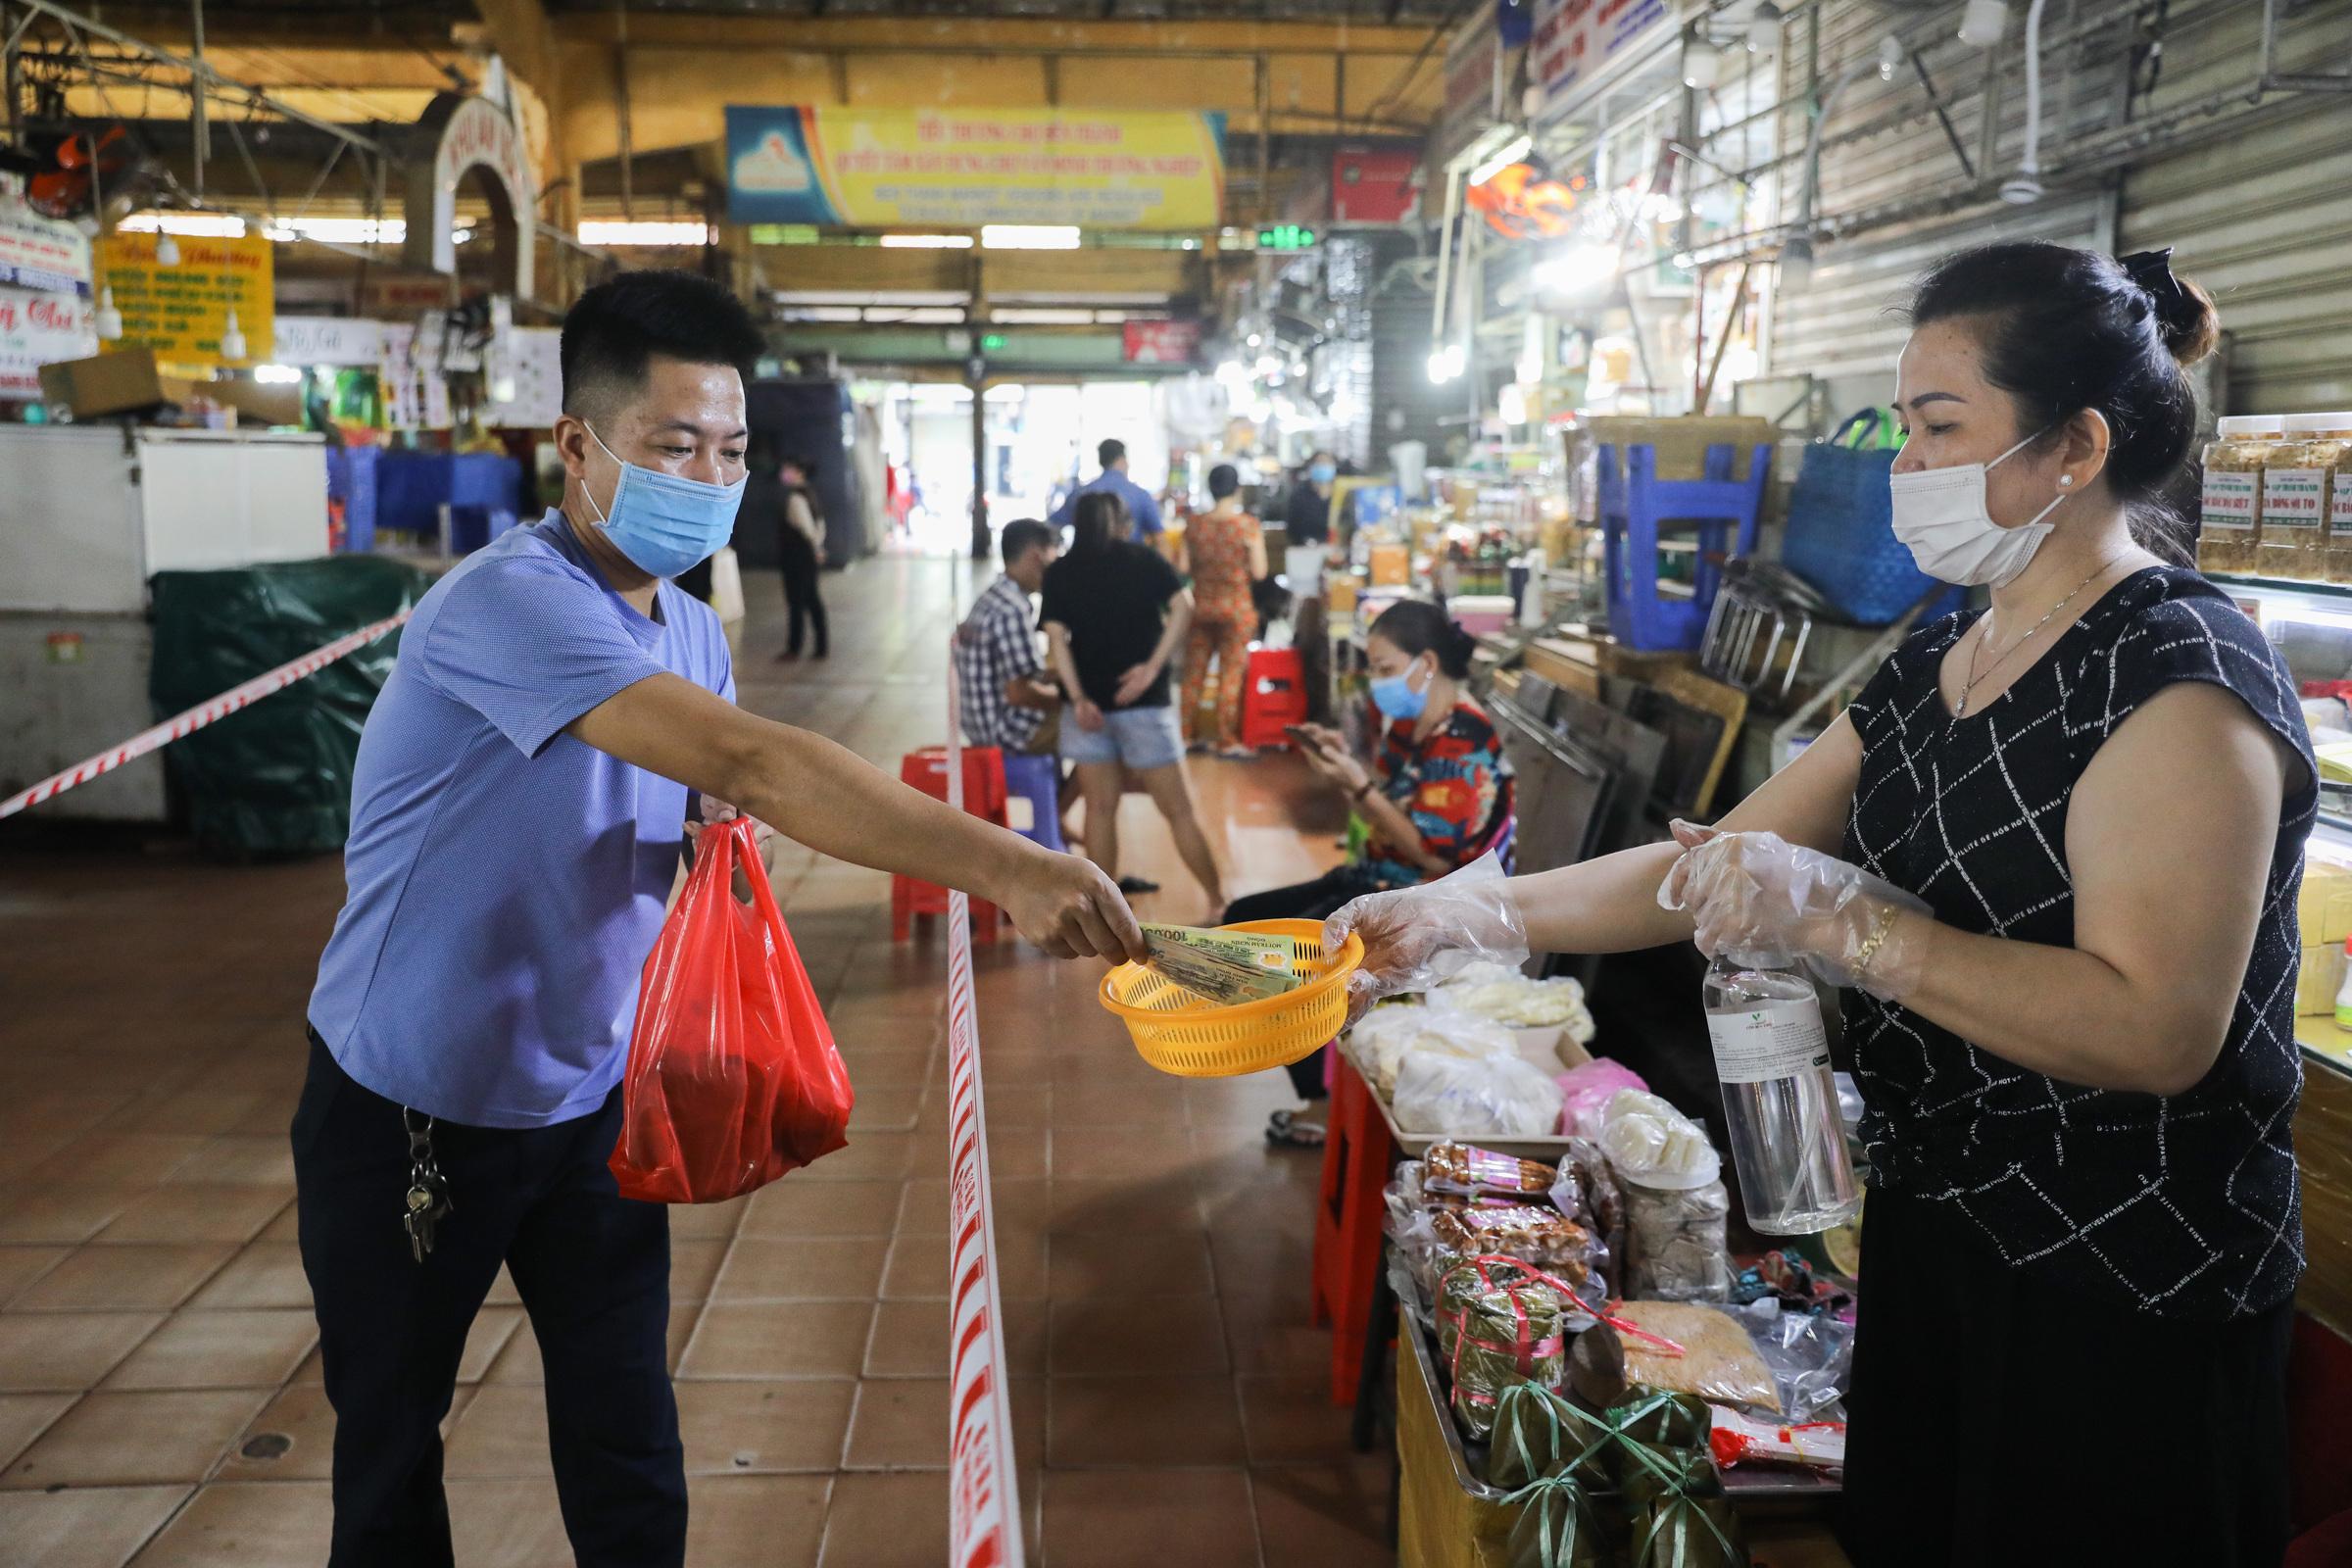 Chợ Bến Thành mở cửa trở lại sau hơn 3 tháng tạm ngưng, ngày 6/10. Ảnh: Quỳnh Trần